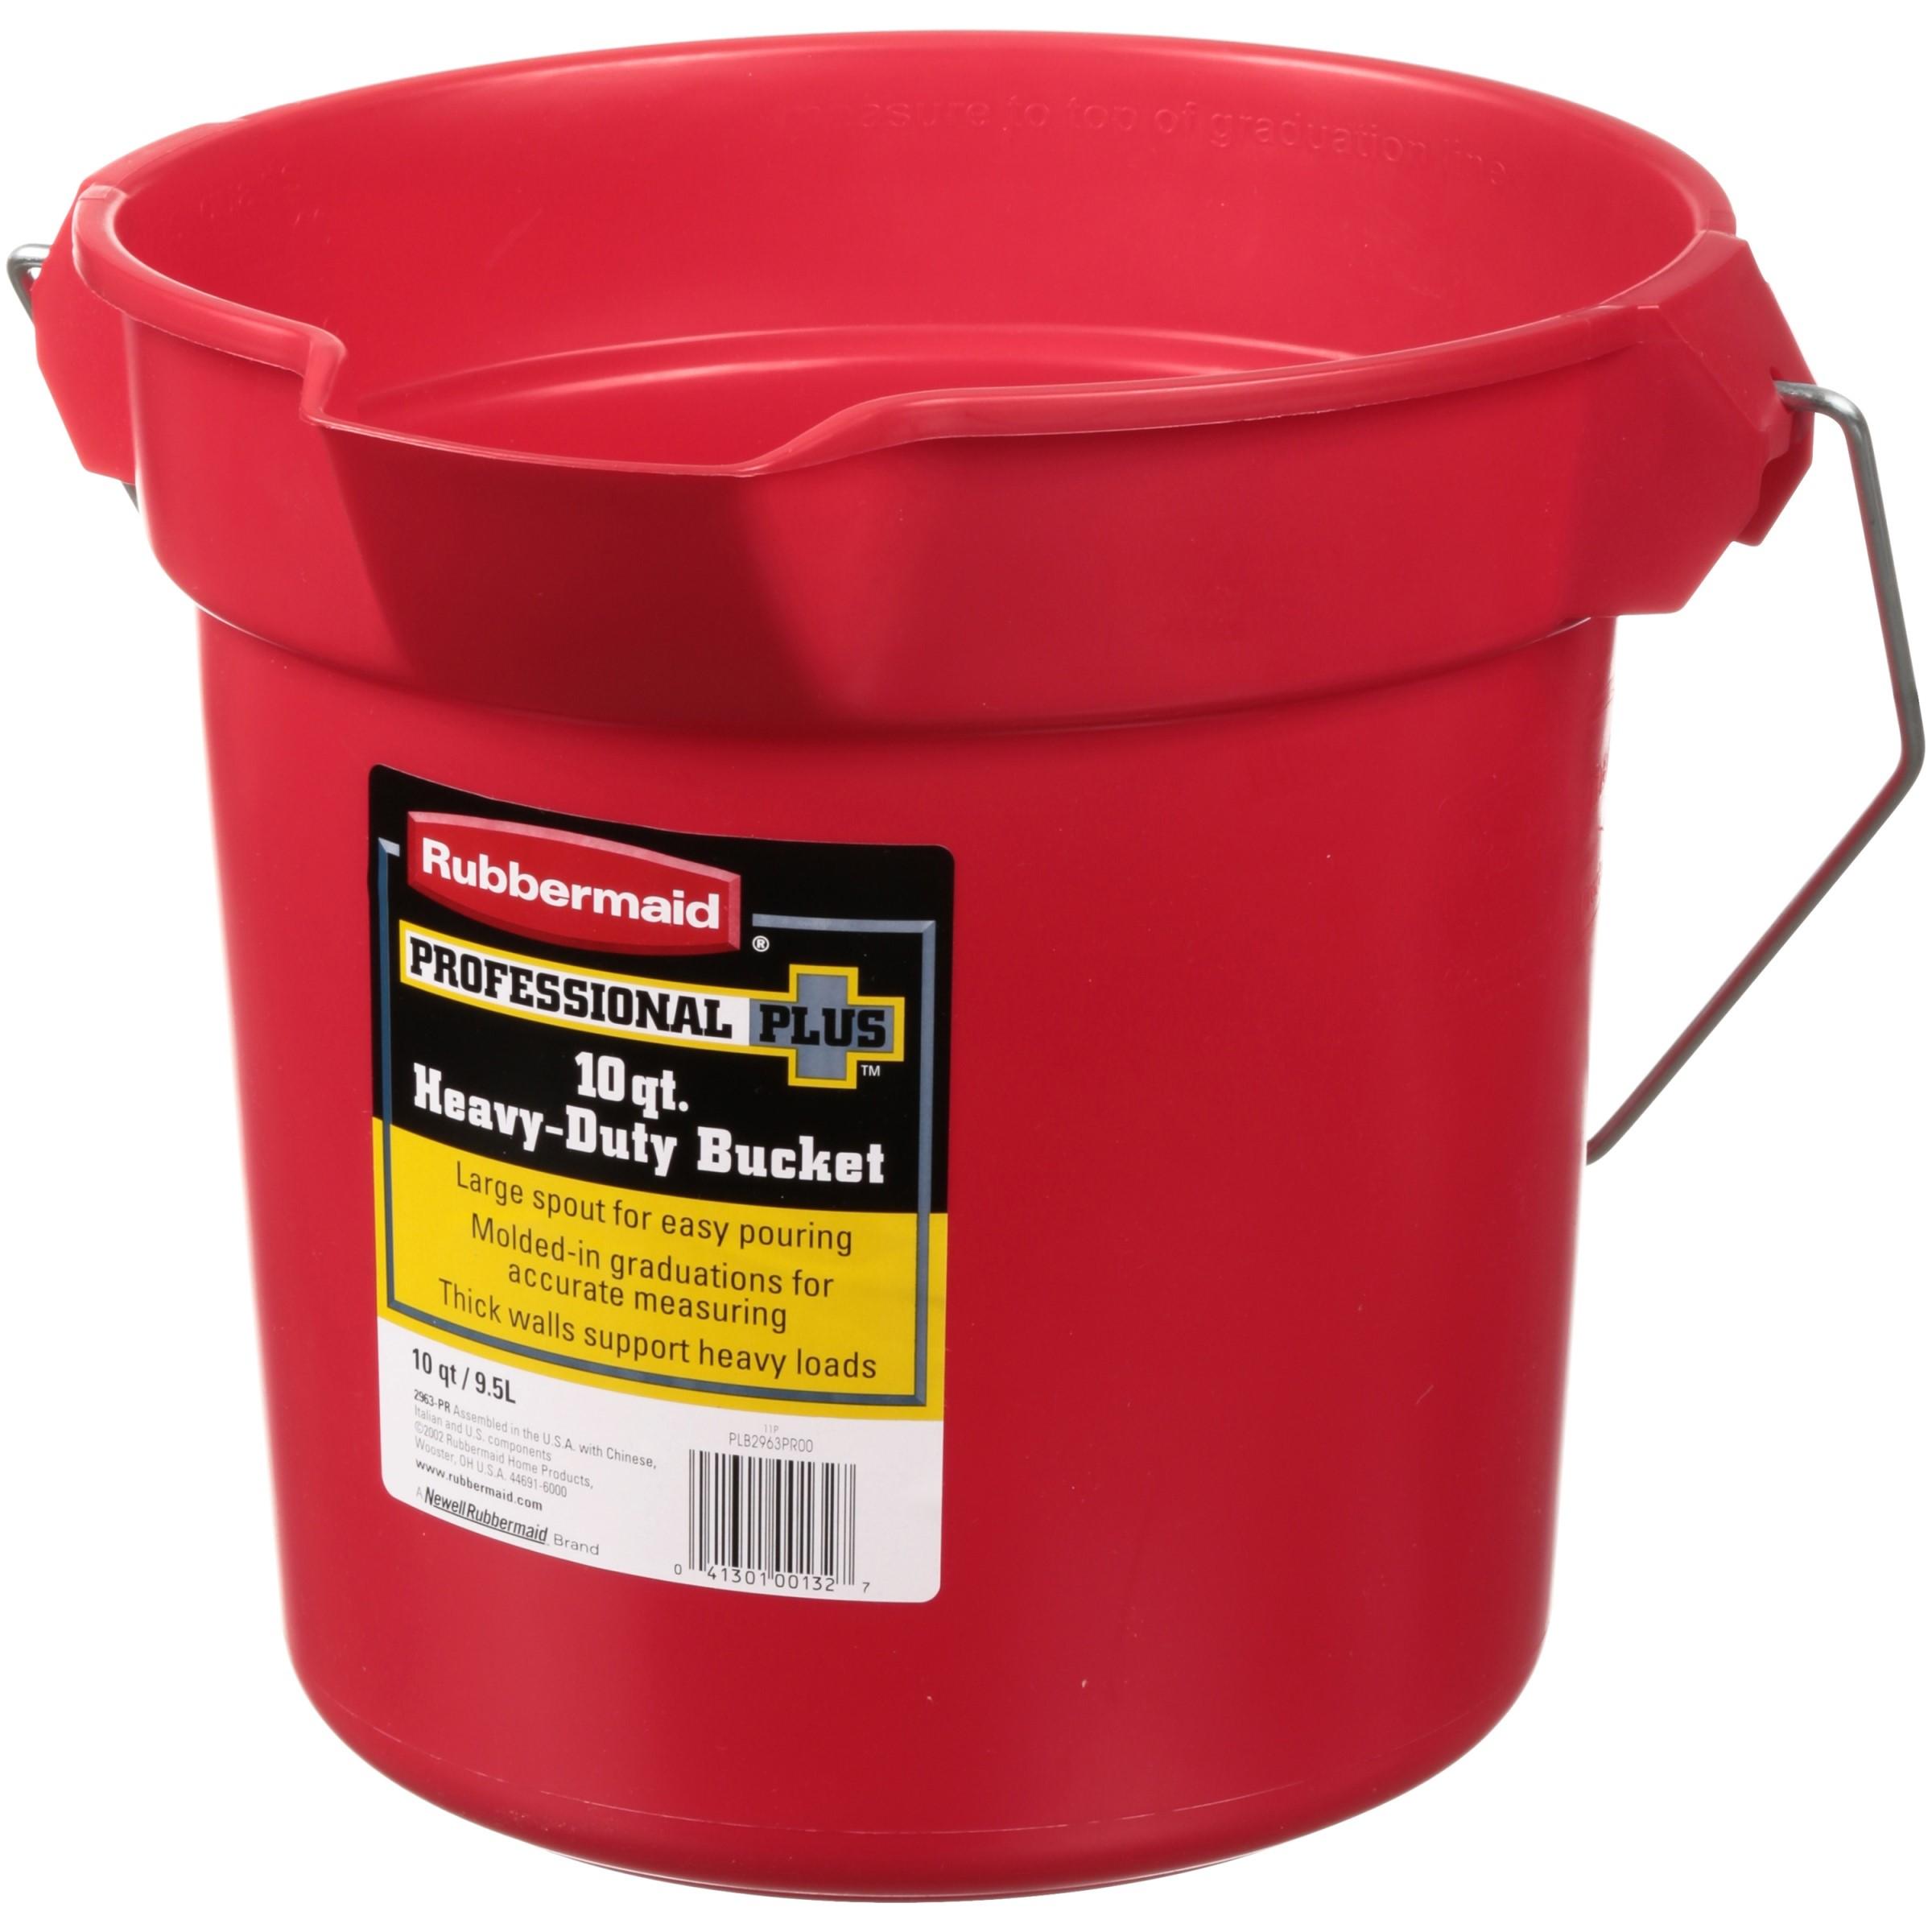 Rubbermaid® Professional Plus™ 10 qt. Heavy-Duty Bucket